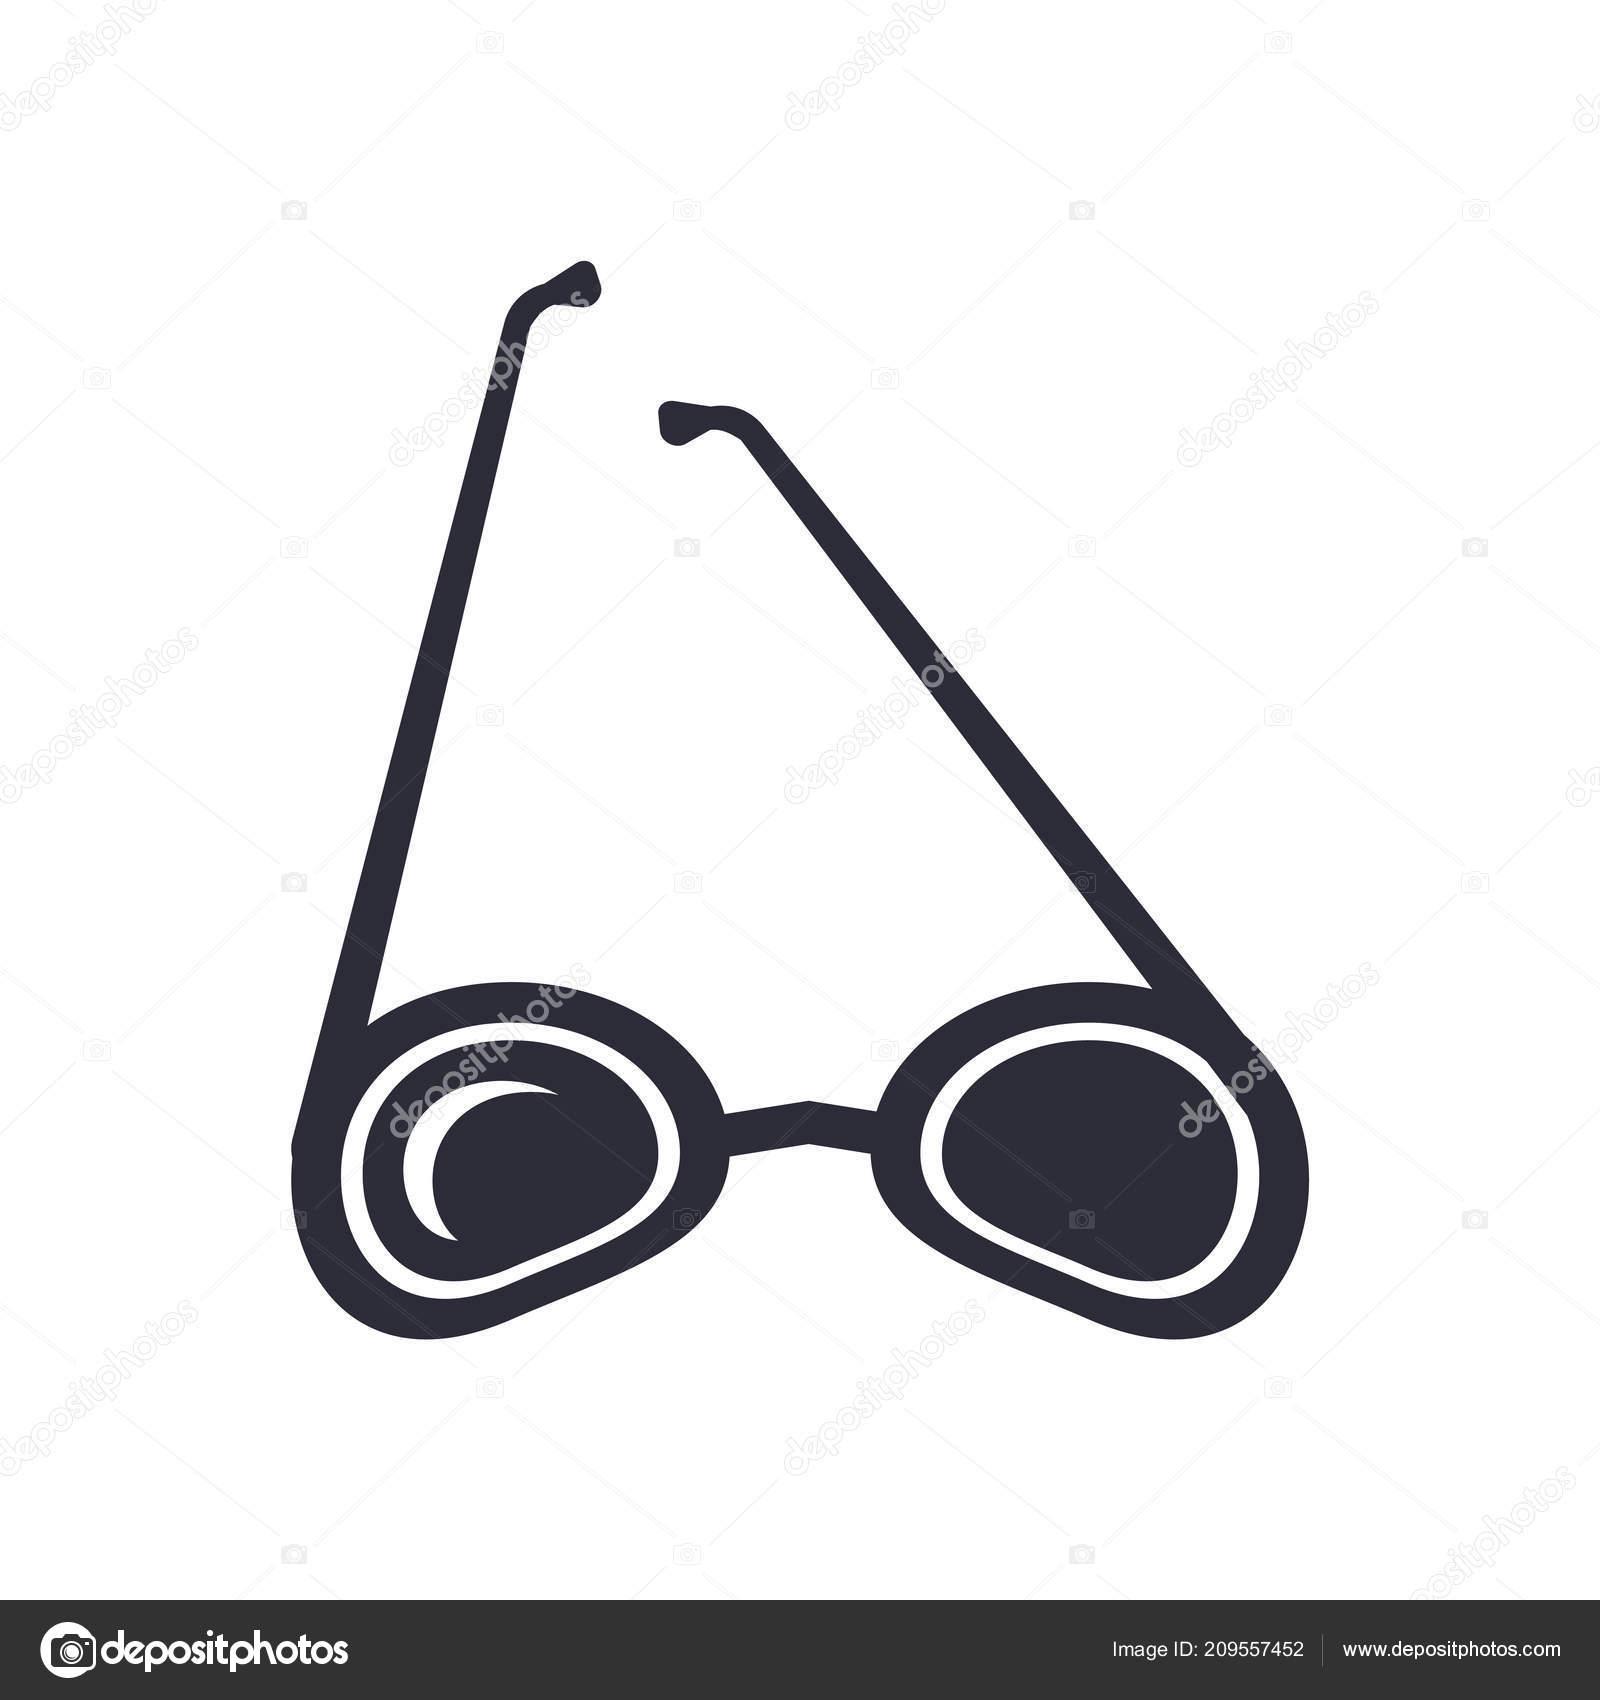 PngSunglasses Icon Lentes Hipster White Isolated Vector jMULSGzpqV